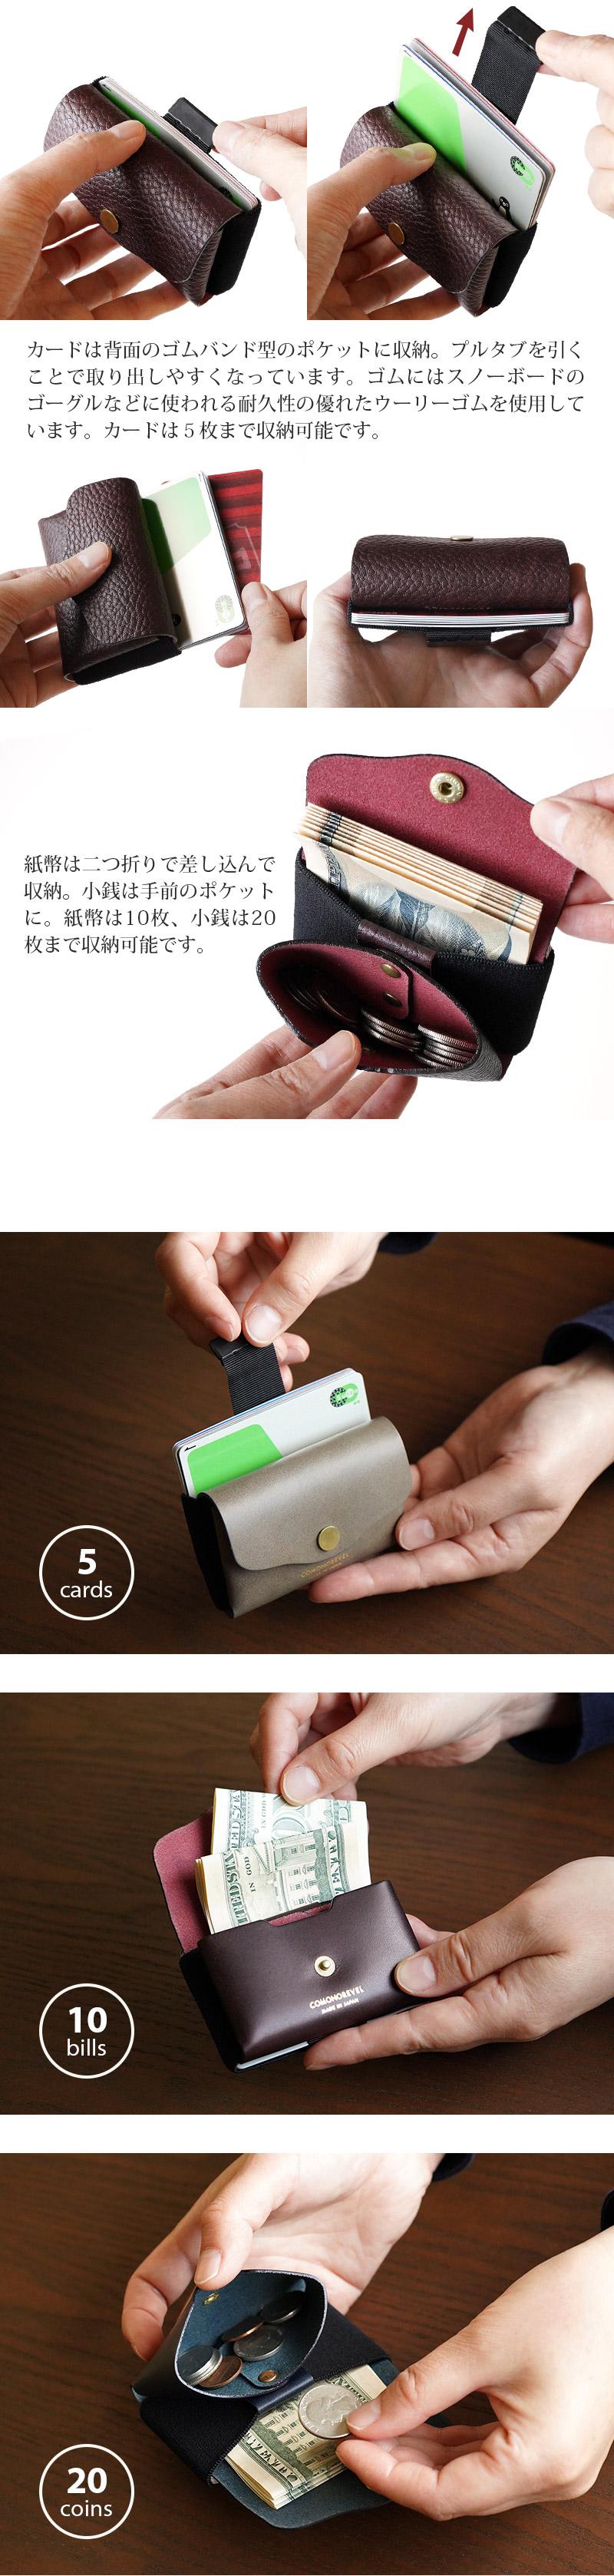 カードは背面のゴムバンド型のポケットに収納。プルタブを引くことで取り出しやすくなっています。ゴムにはスノーボードのゴーグルなどに使われる耐久性の優れたウーリーゴムを使用しています。カードは5枚まで収納可能です。